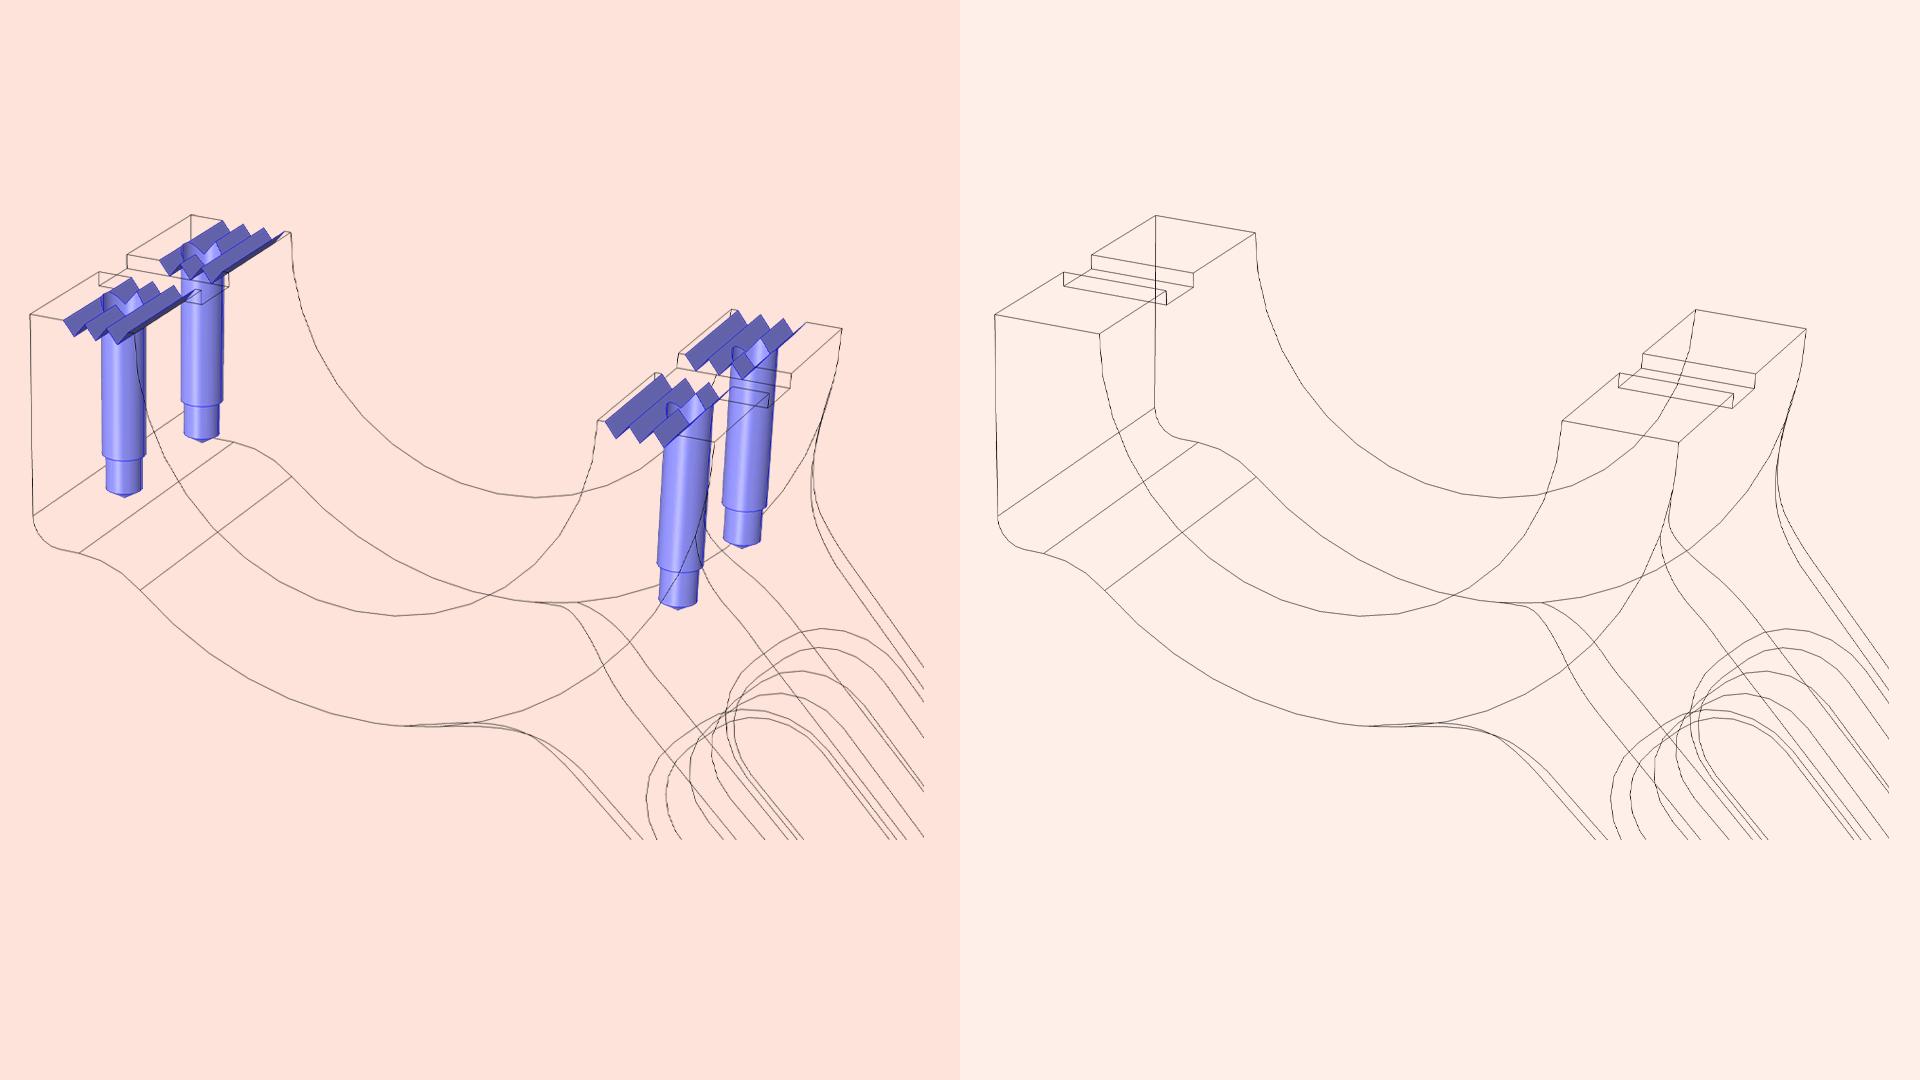 Сравнение исходной геометрической CAD-модели и модели после выполнения операций удаления пазов и отверстий.